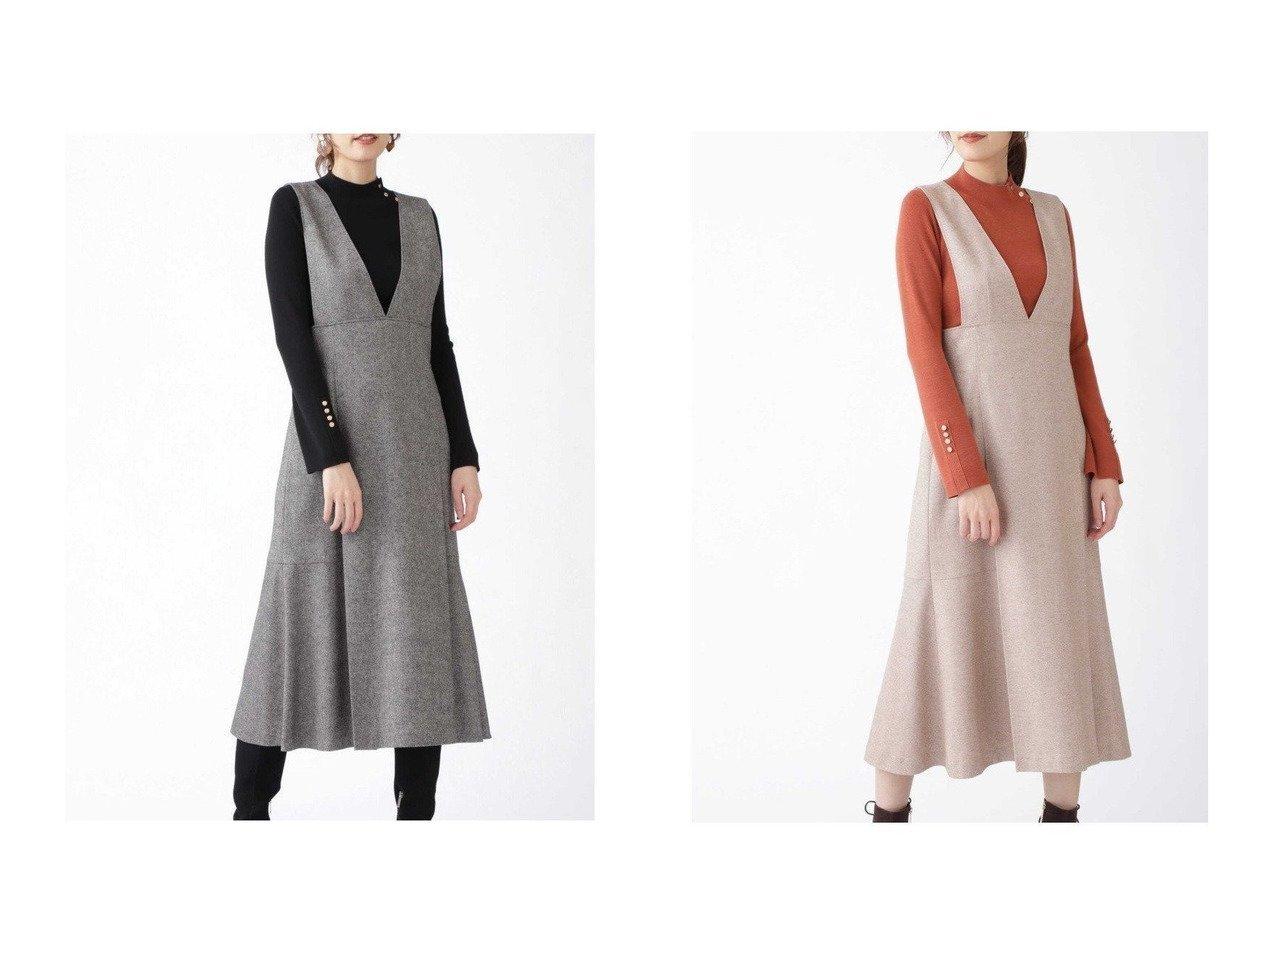 【JILLSTUART/ジルスチュアート】のフラニージャンパースカート スカートのおすすめ!人気、トレンド・レディースファッションの通販 おすすめで人気の流行・トレンド、ファッションの通販商品 メンズファッション・キッズファッション・インテリア・家具・レディースファッション・服の通販 founy(ファニー) https://founy.com/ ファッション Fashion レディースファッション WOMEN スカート Skirt ツイード 秋 Autumn/Fall  ID:crp329100000015814